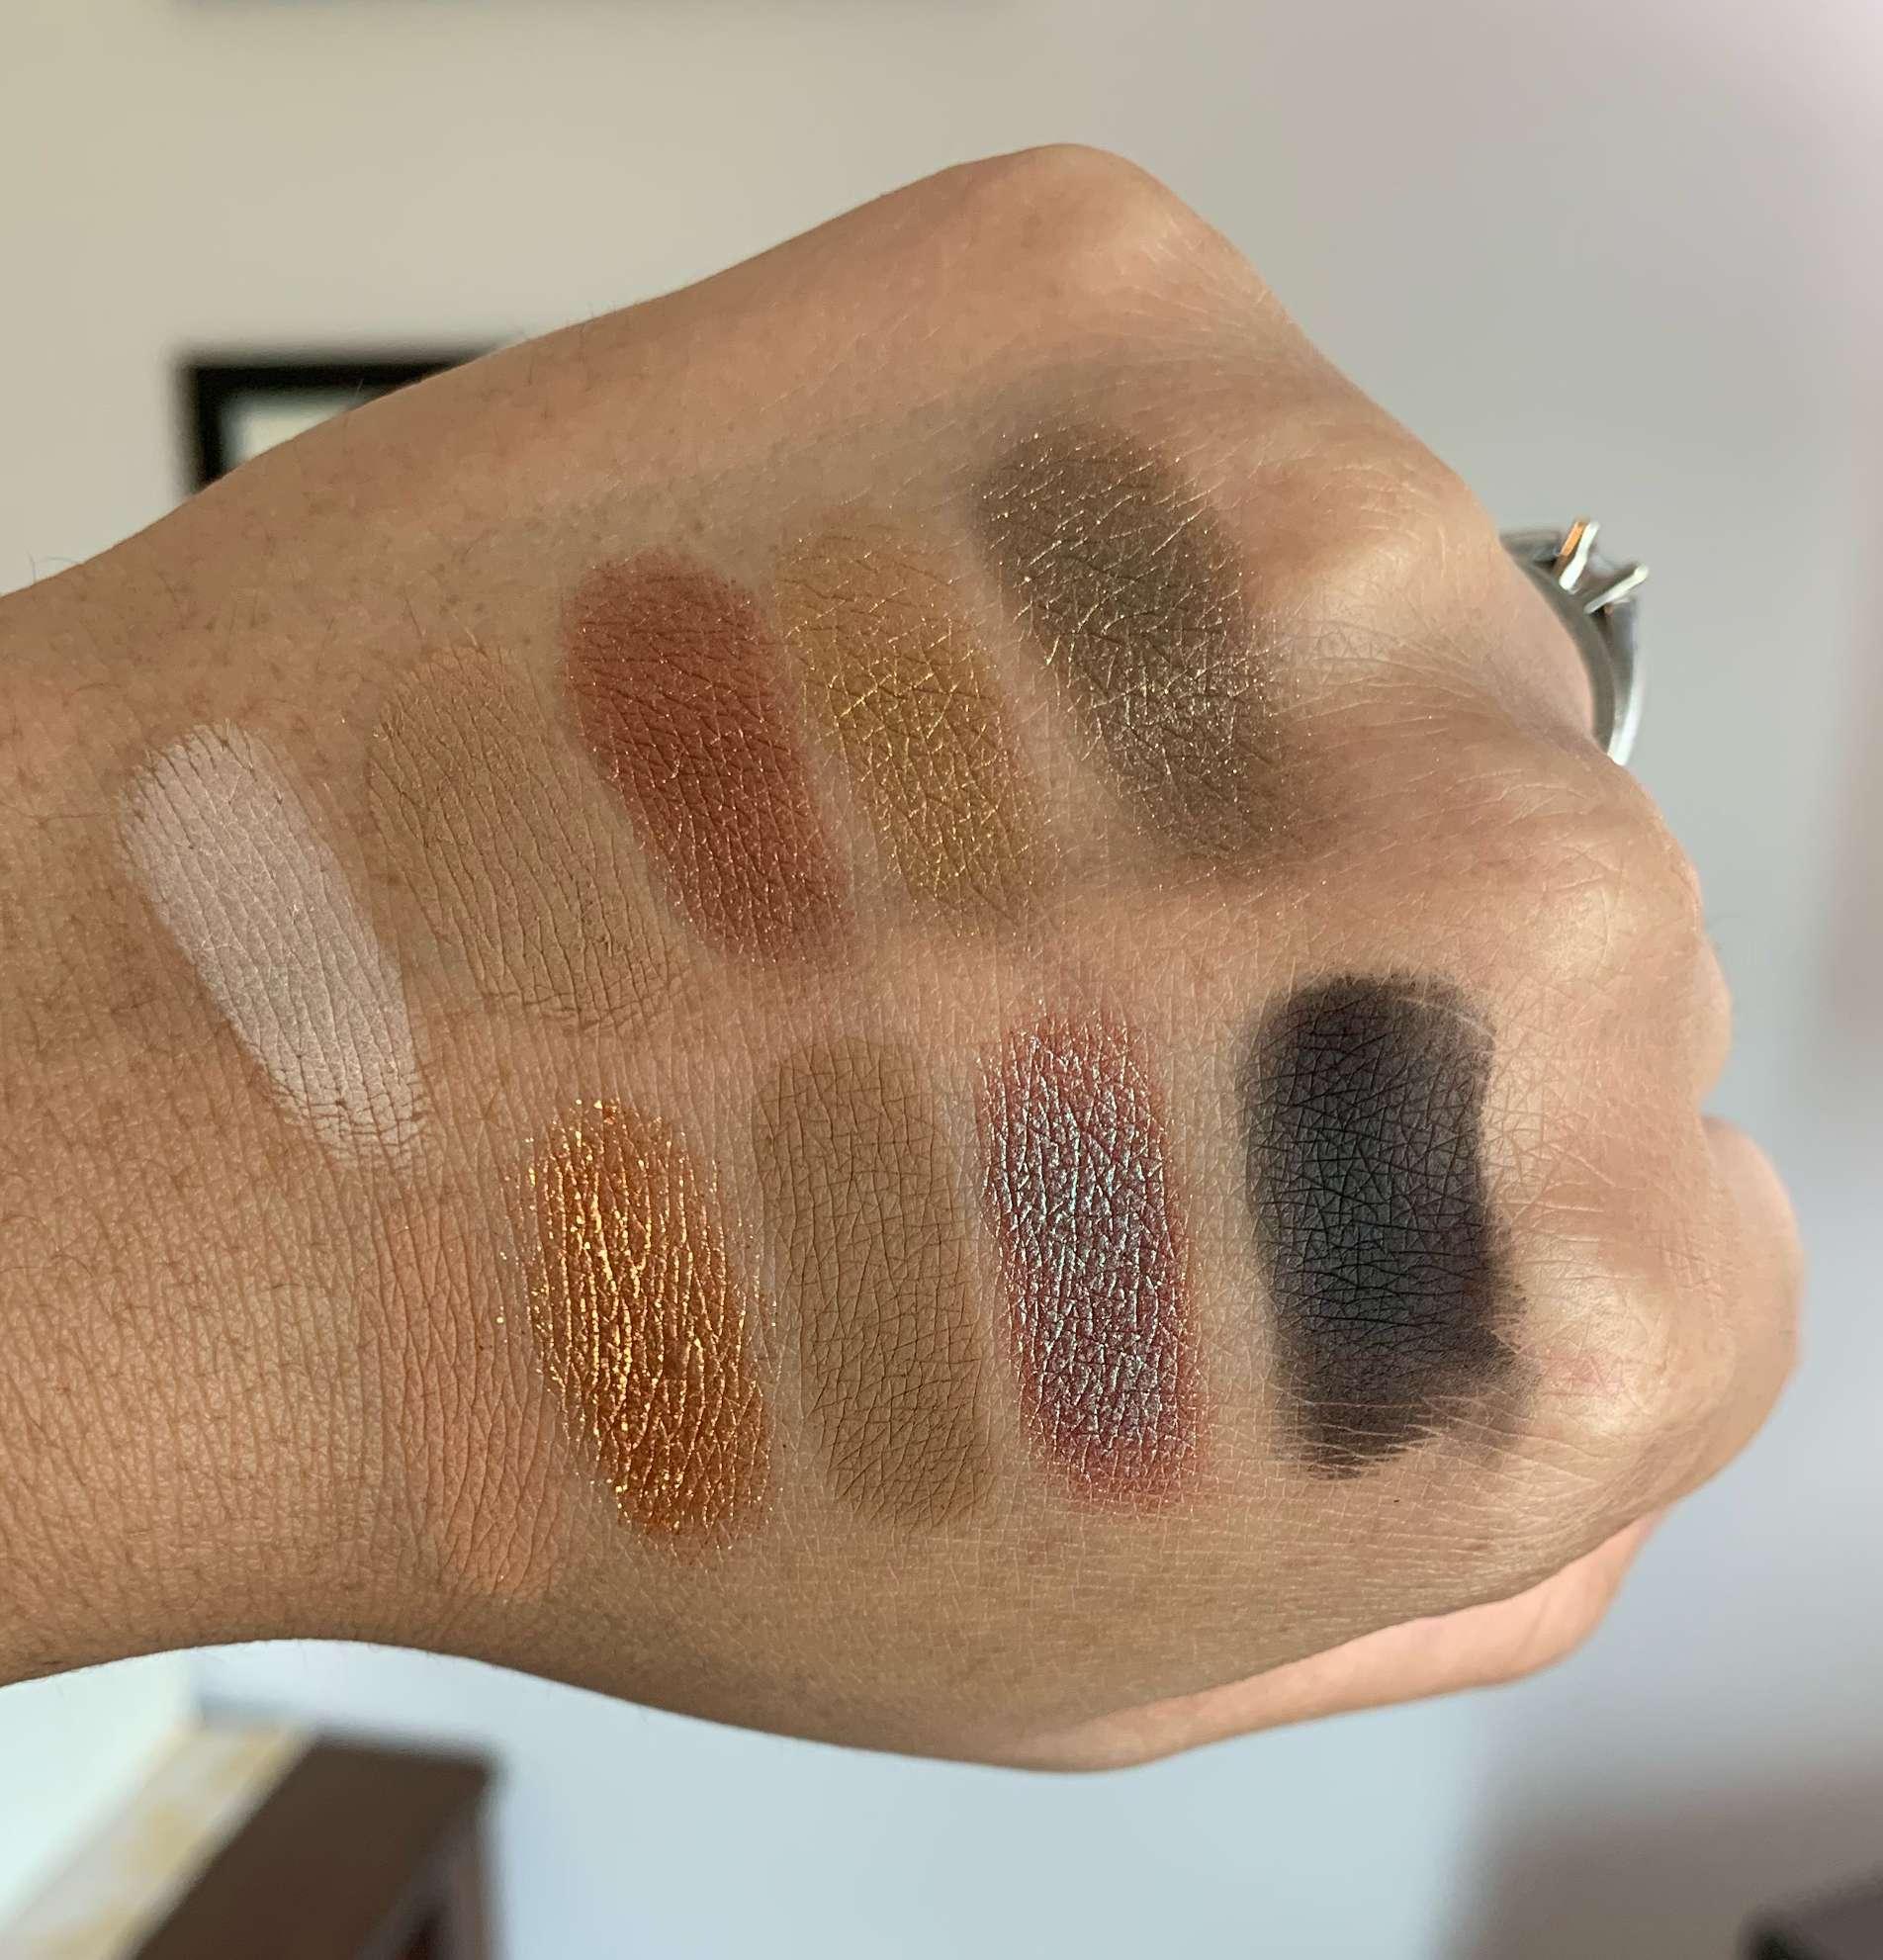 Violet Voss Wild Dahlia Eyeshadow Palette Swatches on Medium Dark Skin